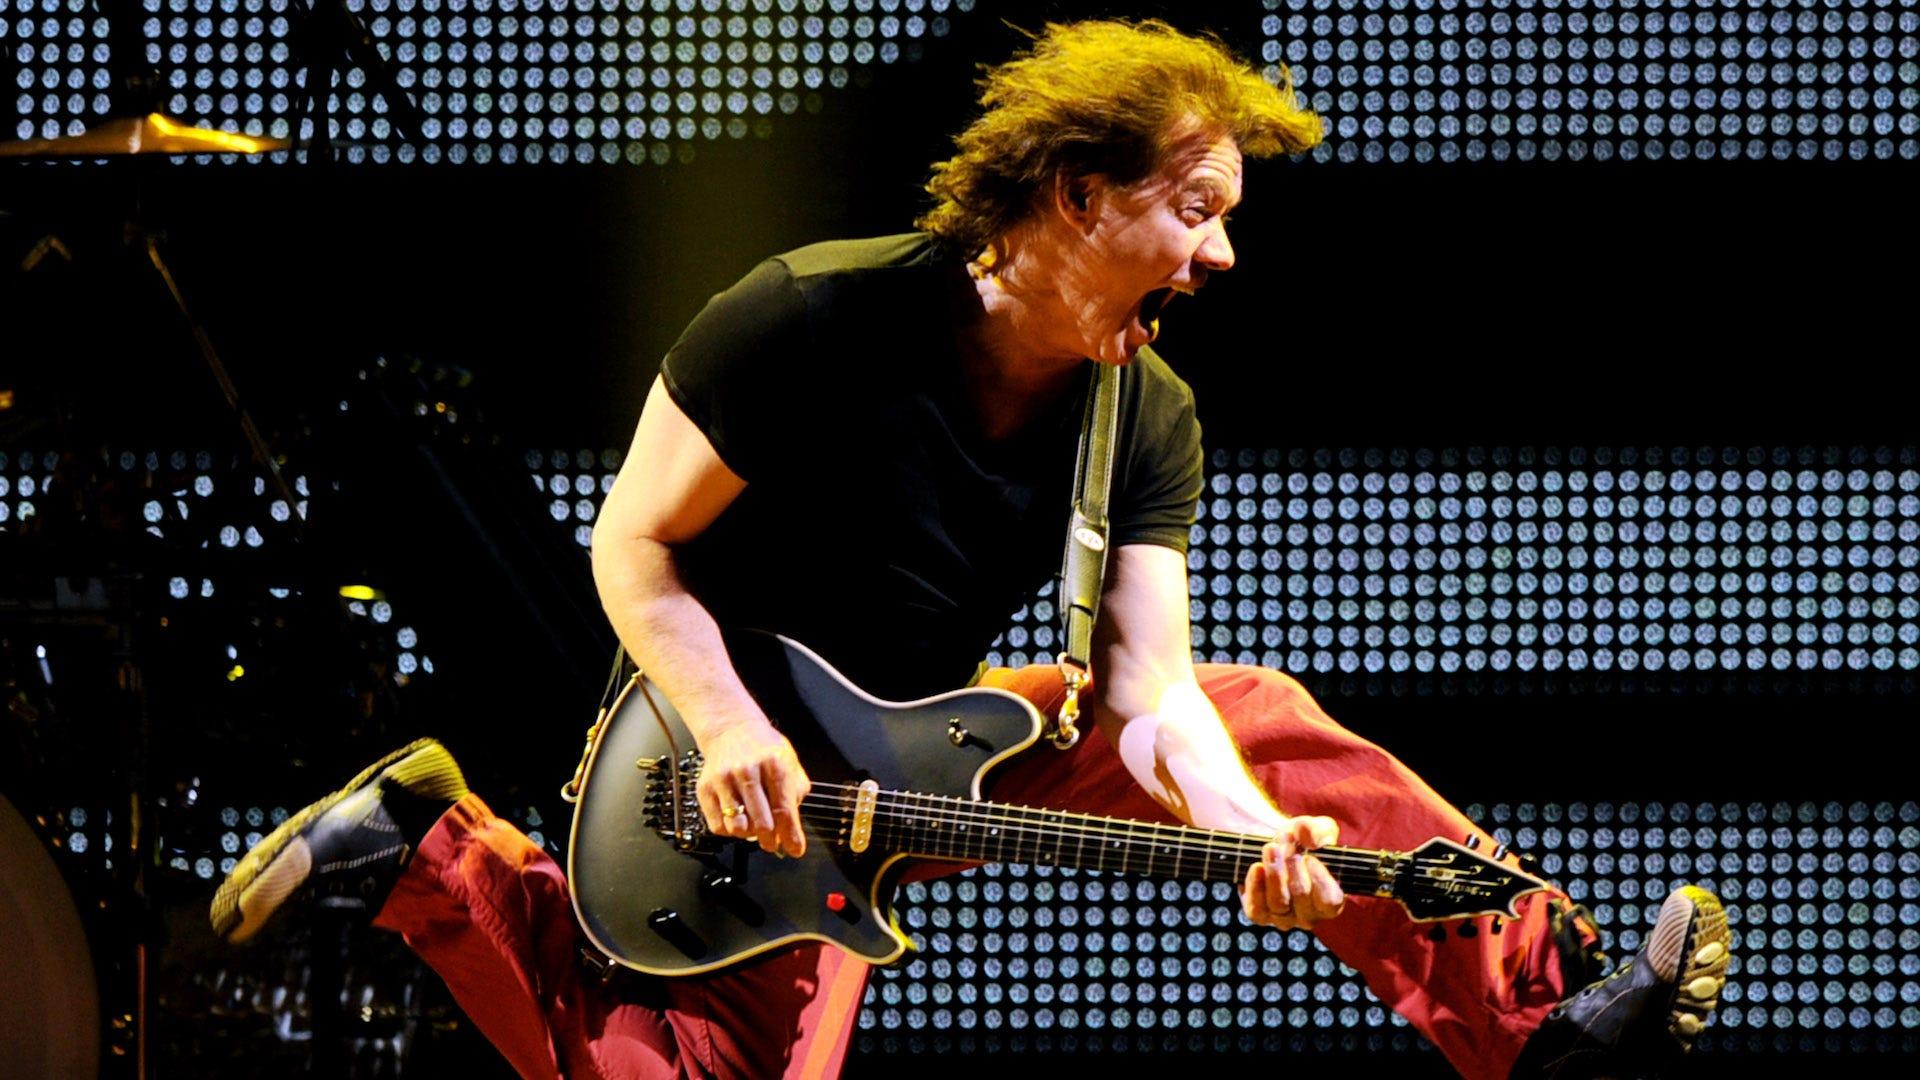 Top 5 Eddie Van Halen live guitar god moments